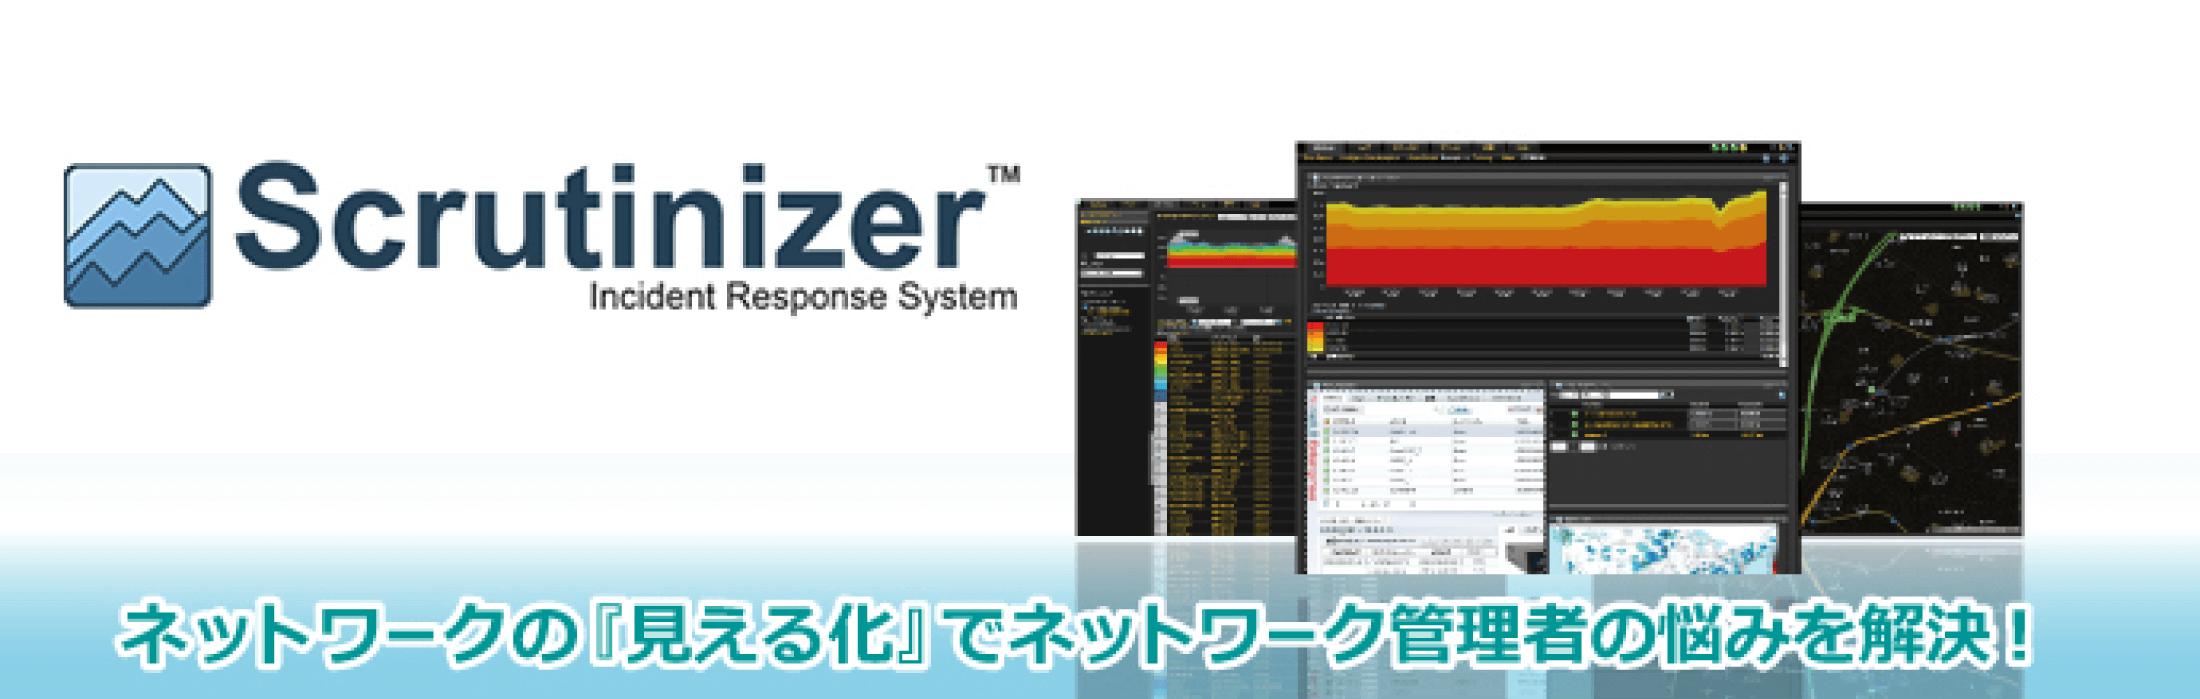 Scrutinizer(スクリューティナイザー)